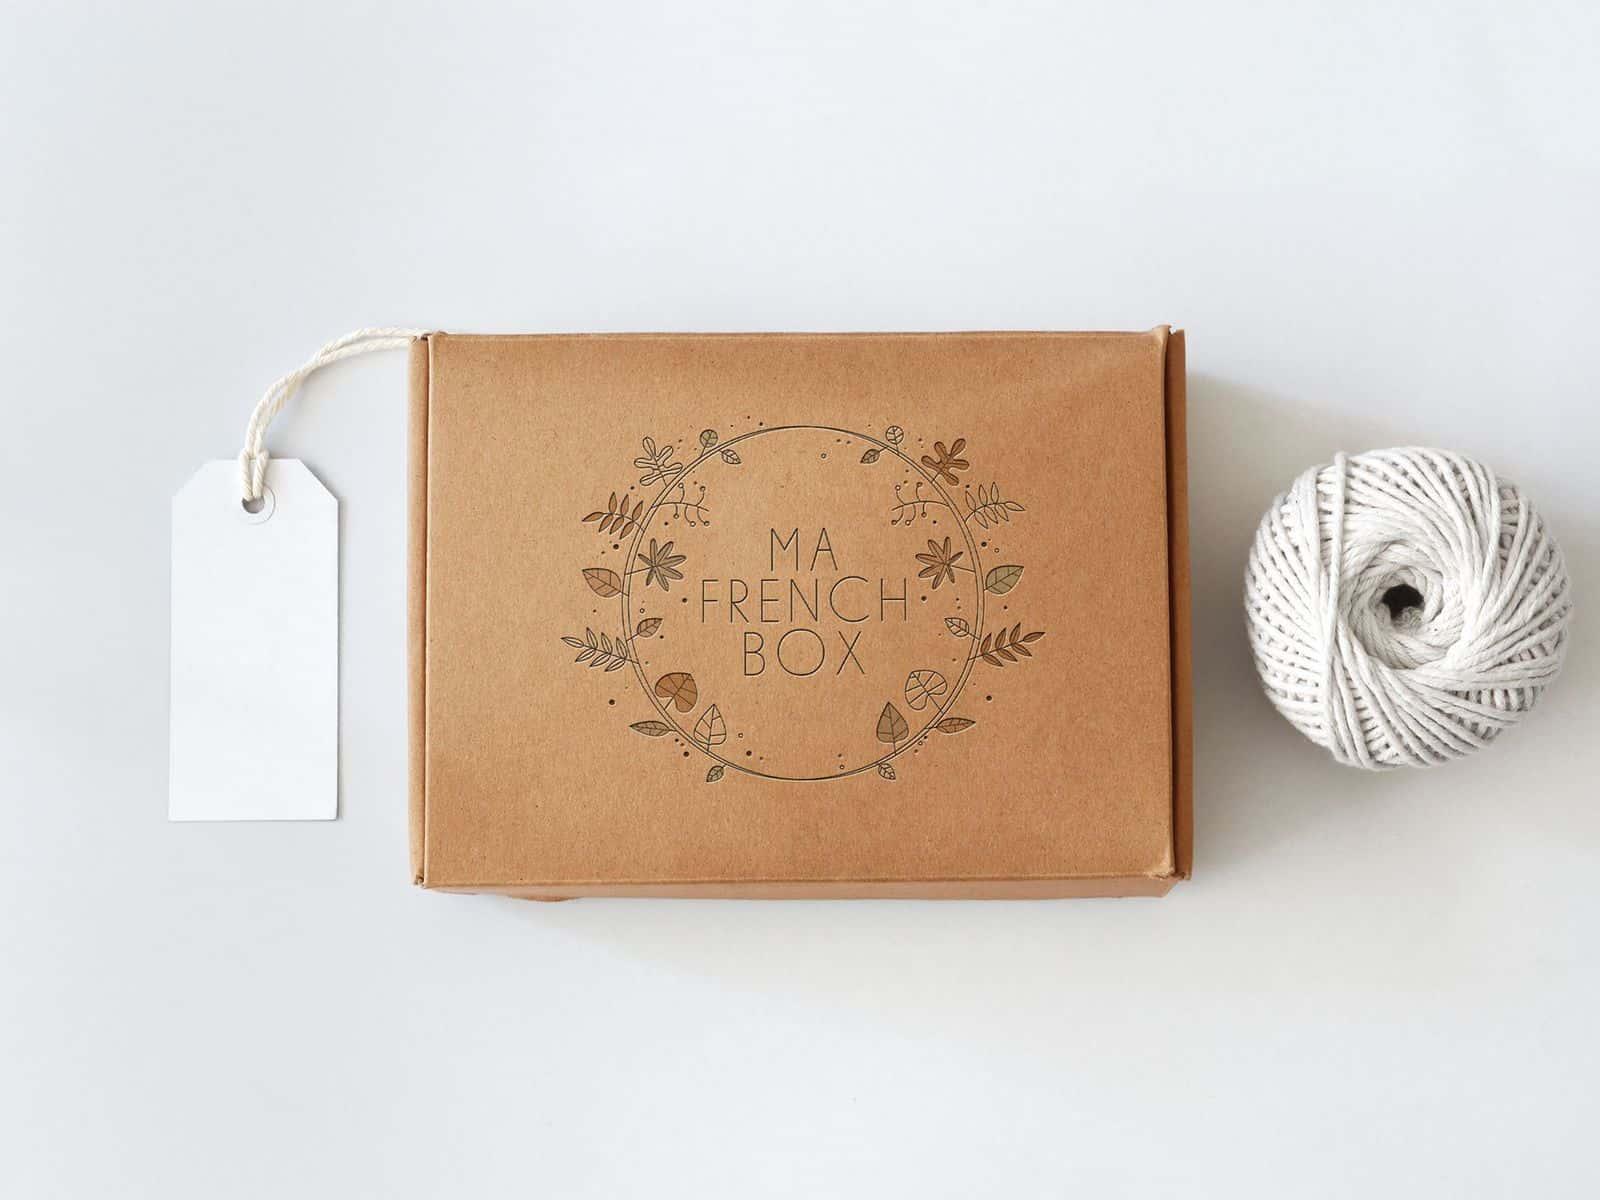 """Résultat de recherche d'images pour """"ma french box"""""""